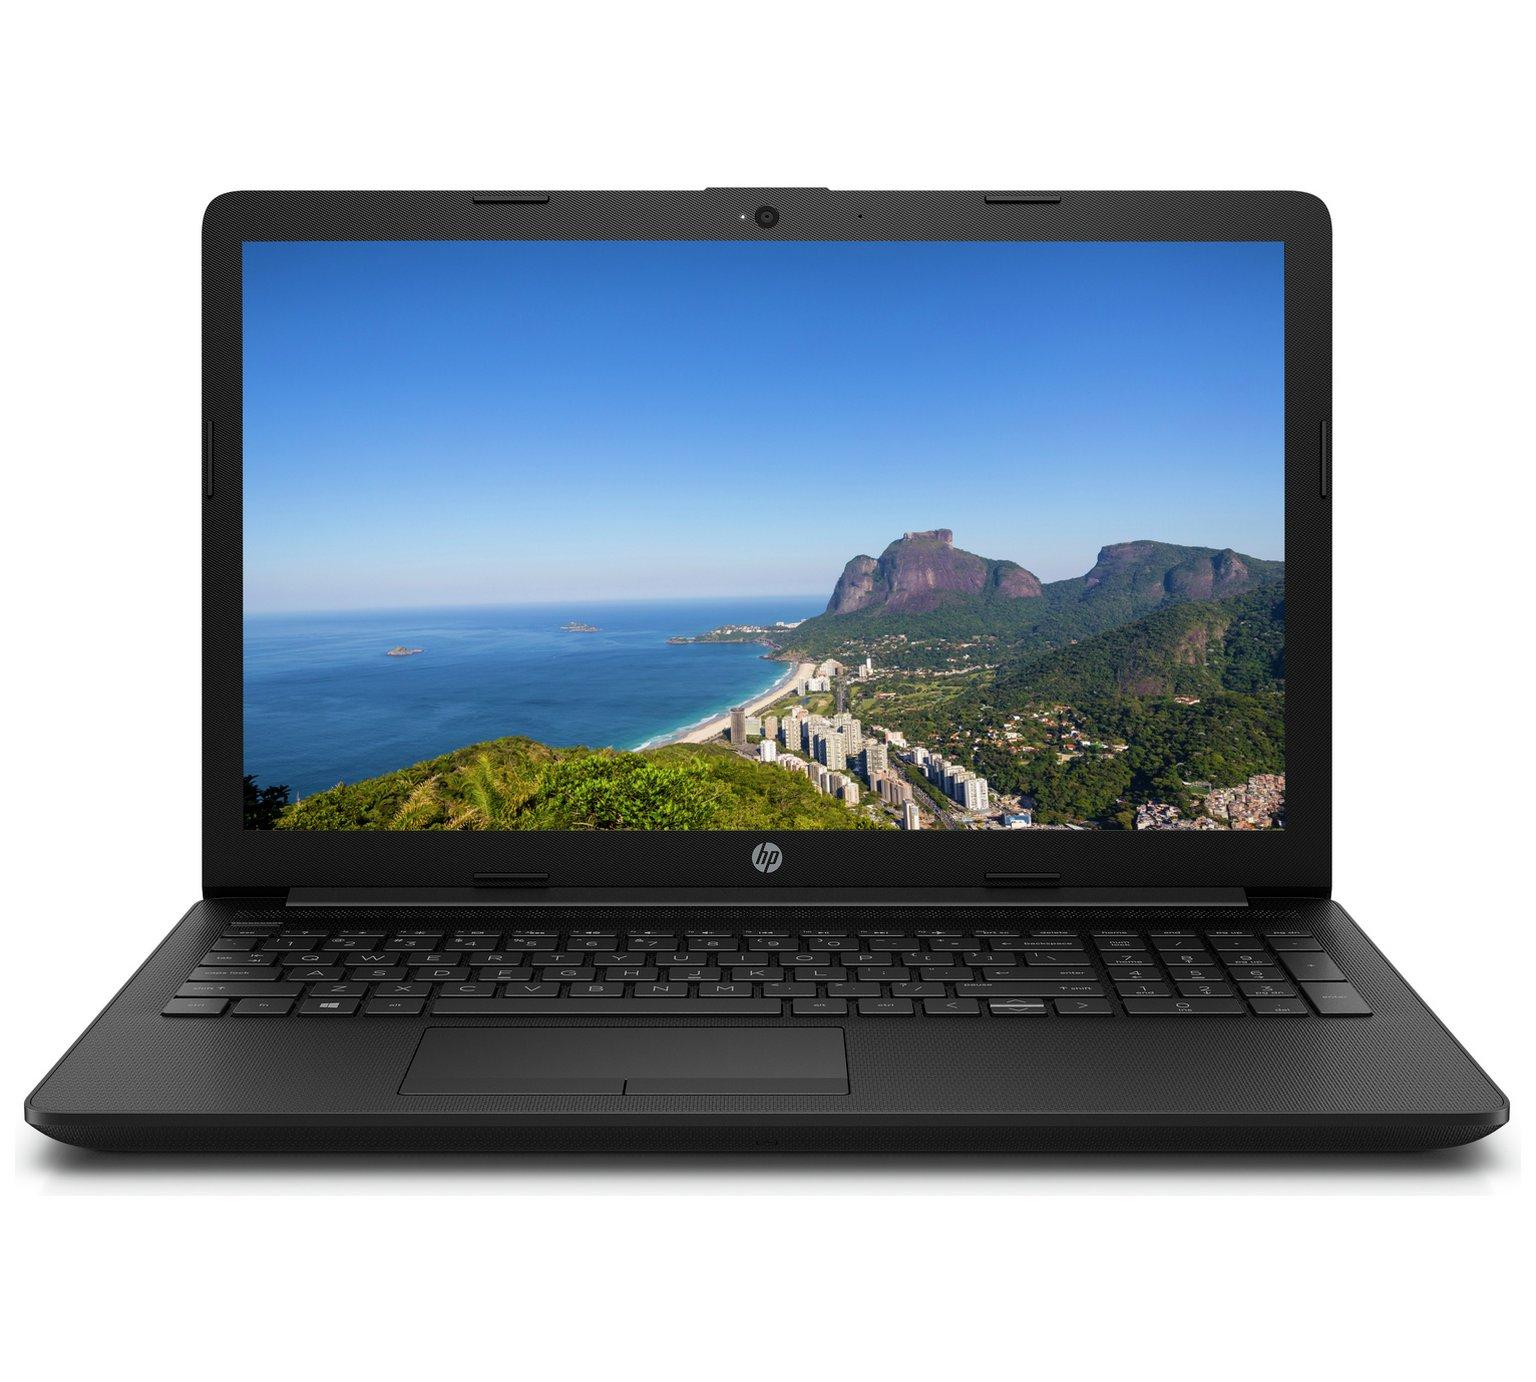 HP 17 Inch AMD A6 4GB 1TB HD Laptop - Black by HP 863/0575